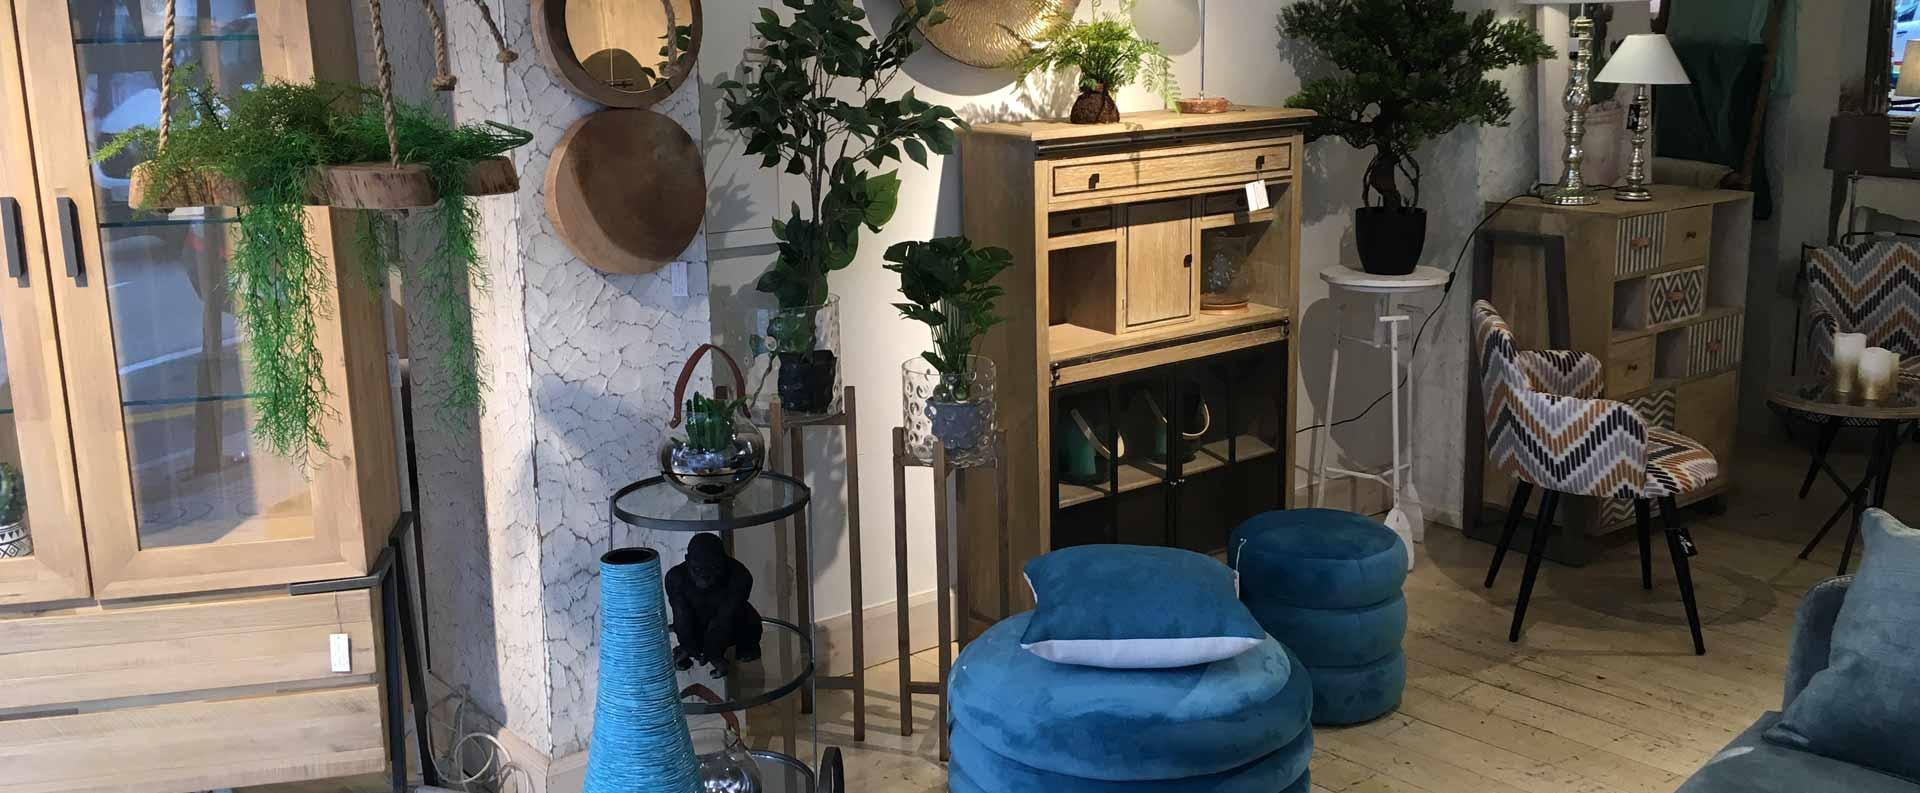 muebles-y-decoracion-en-cantabria-slide-la-garlopa